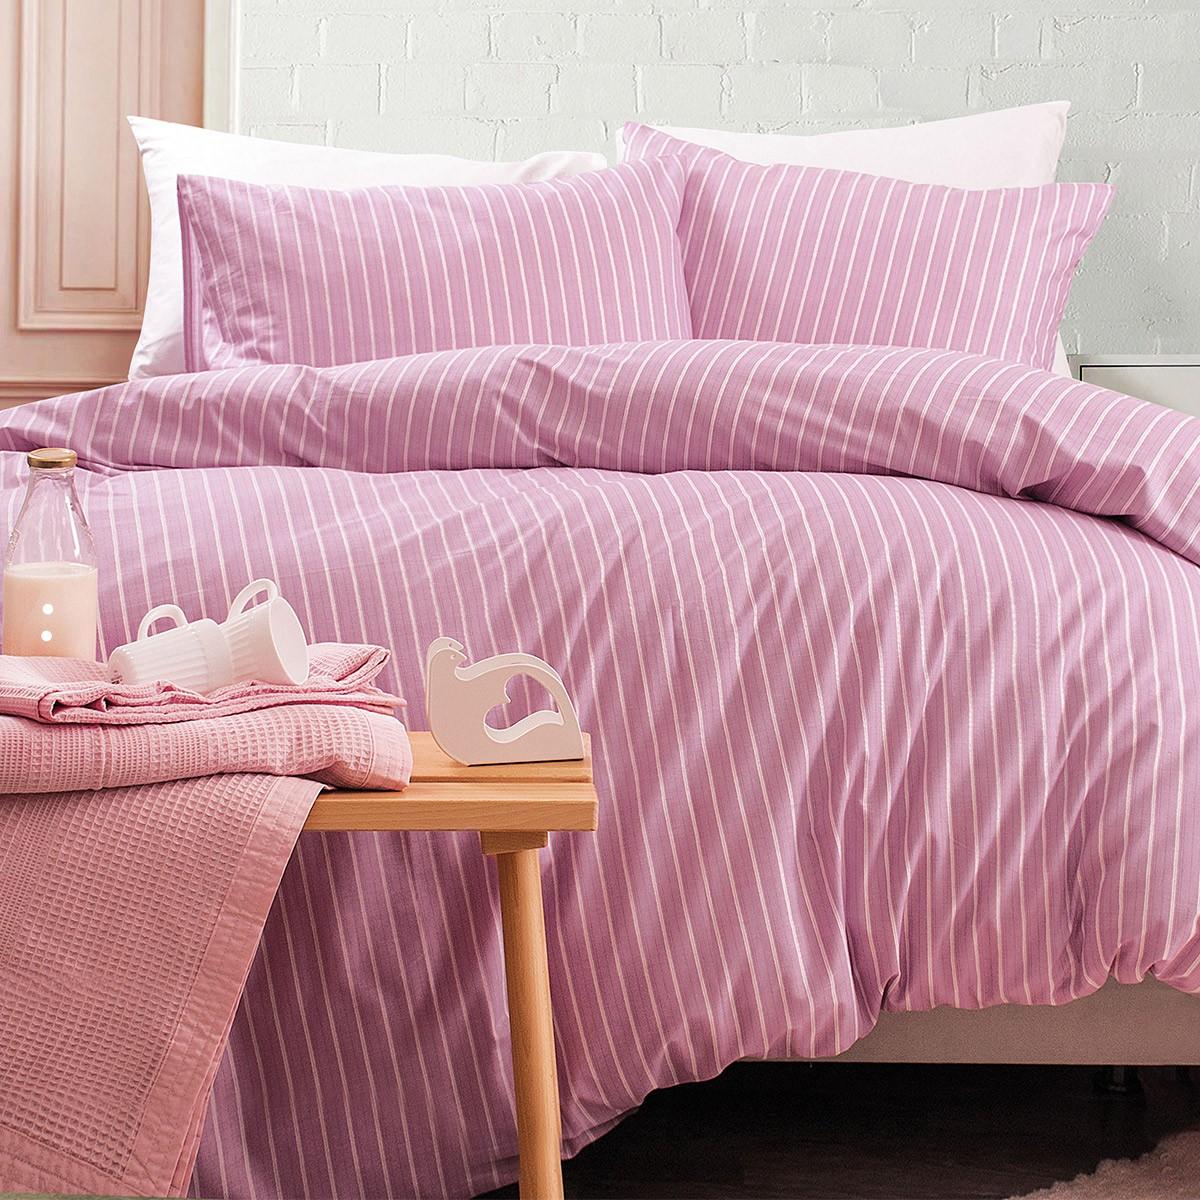 Σεντόνια Υπέρδιπλα (Σετ) Rythmos Nova Granada Pink ΧΩΡΙΣ ΛΑΣΤΙΧΟ ΧΩΡΙΣ ΛΑΣΤΙΧΟ